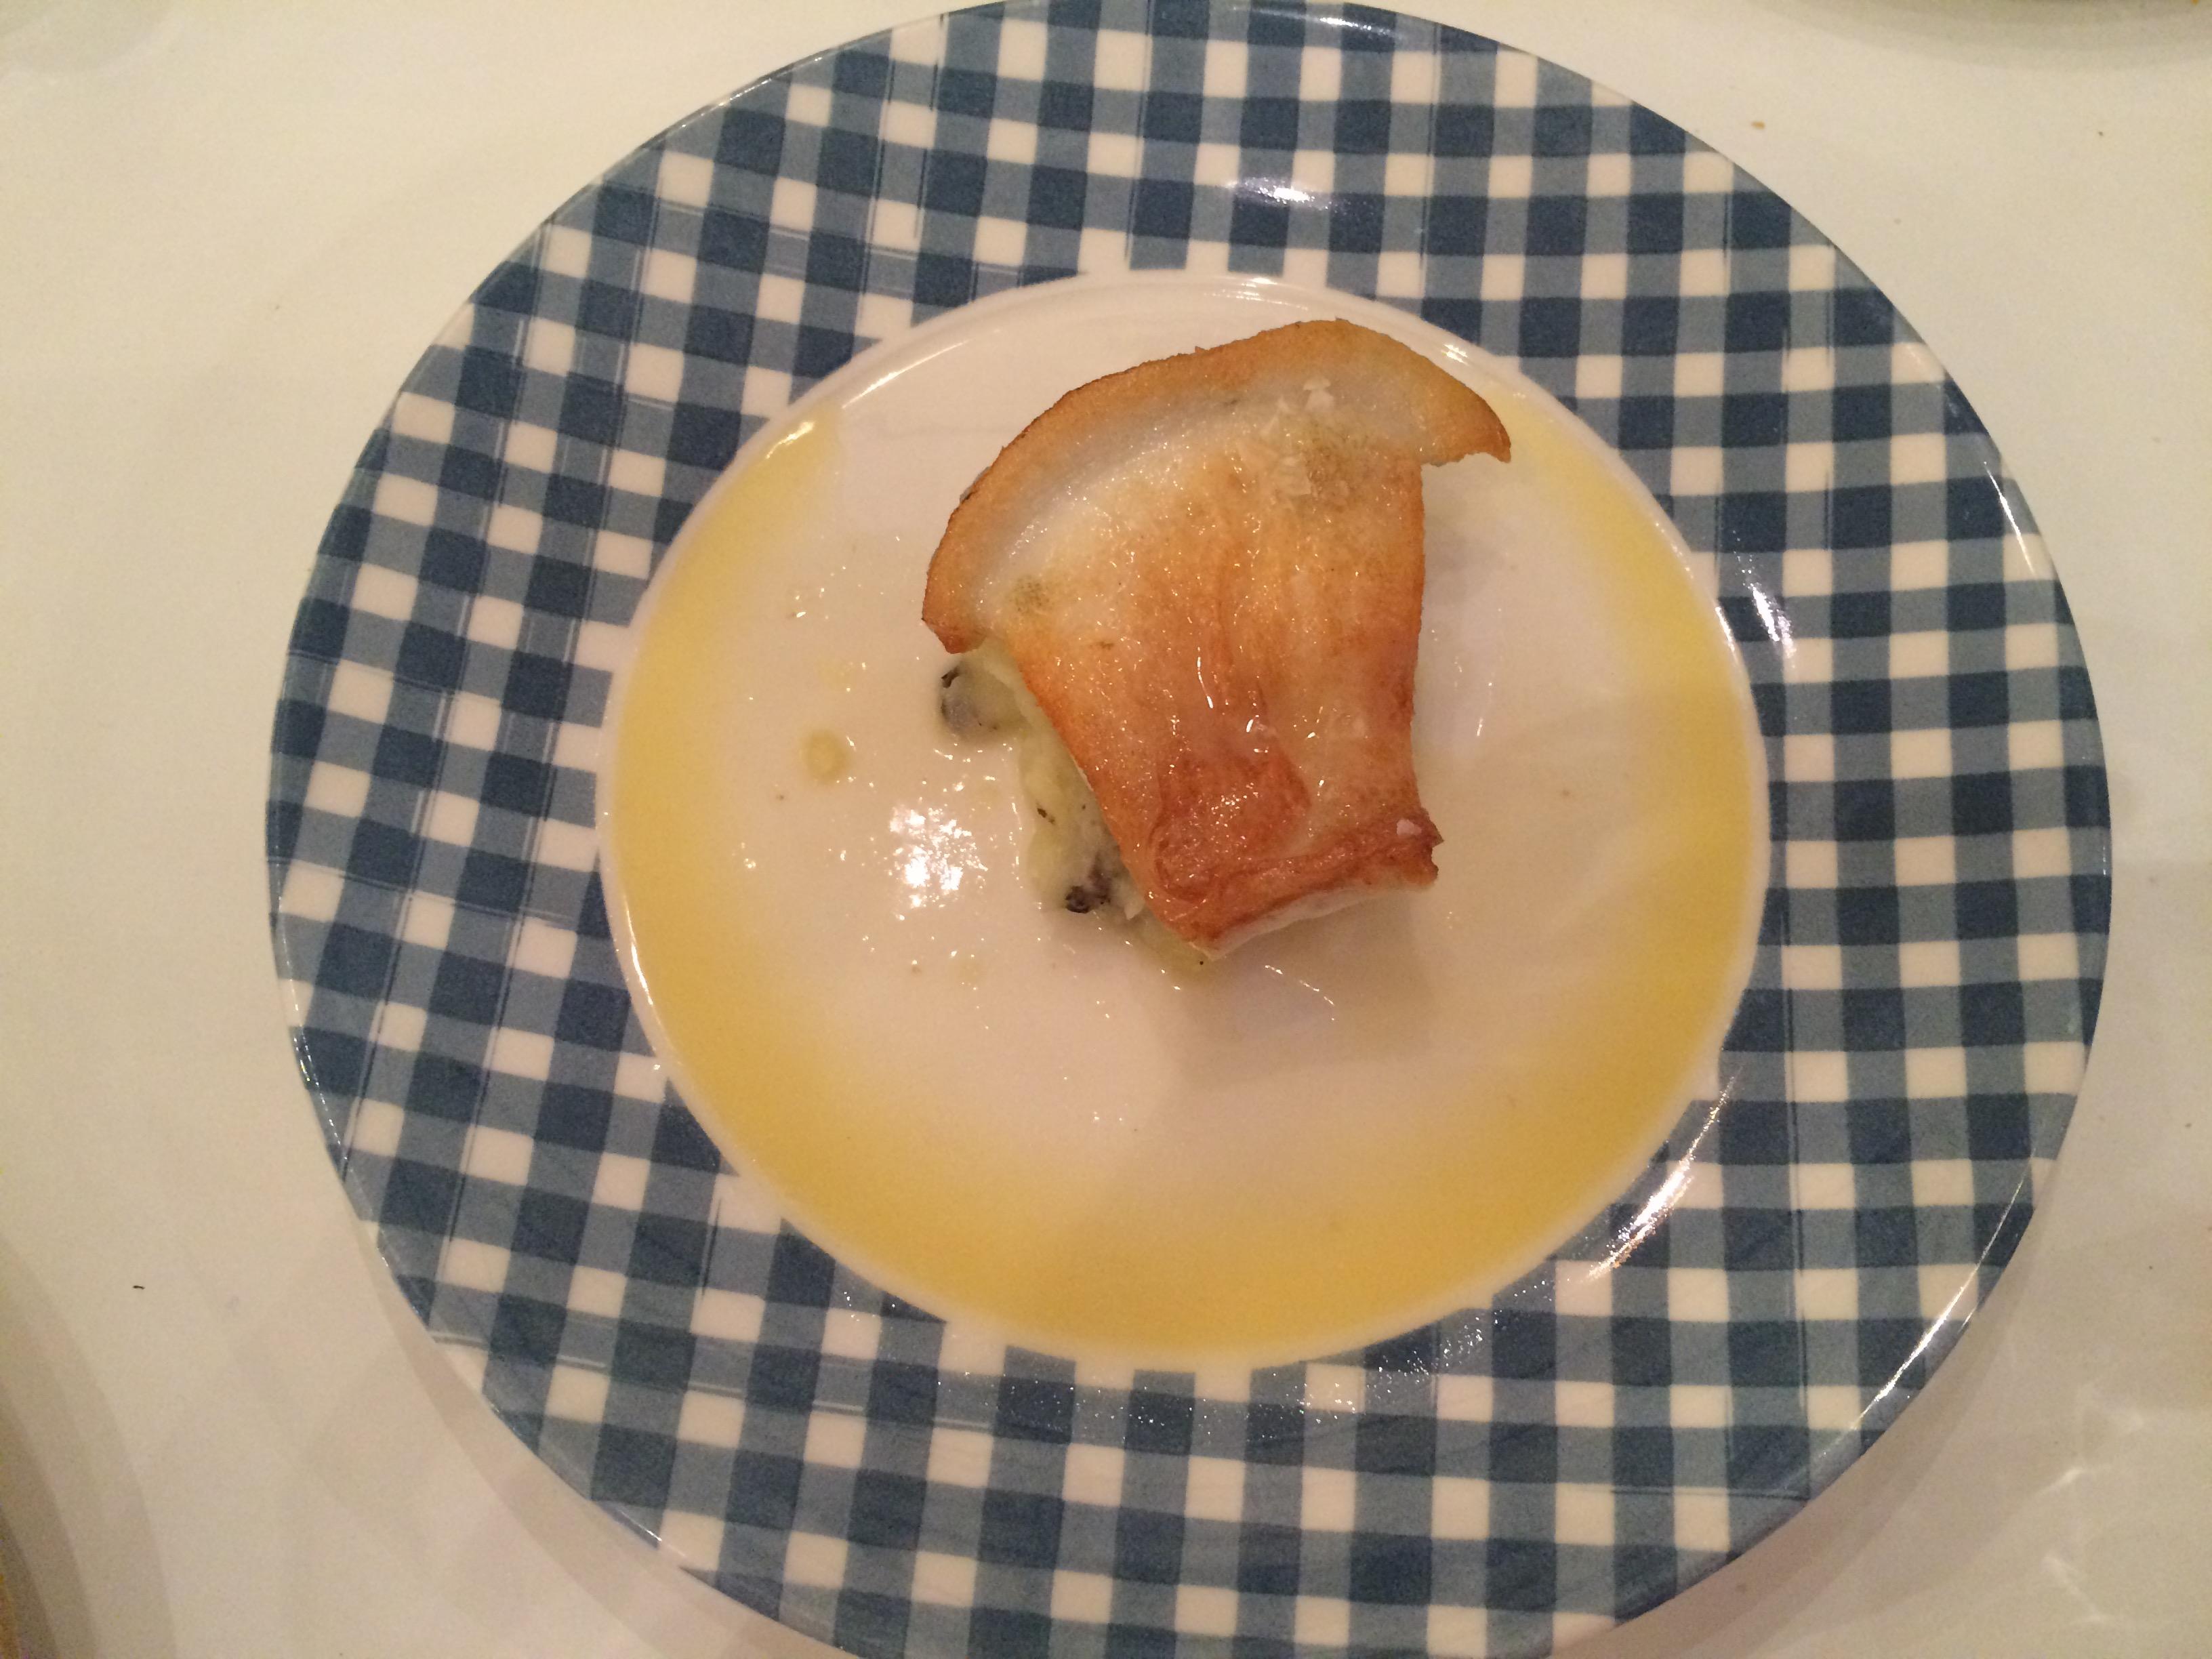 Uno de los recomendados y que no decepcionan es el rodaballo con salsa de limón